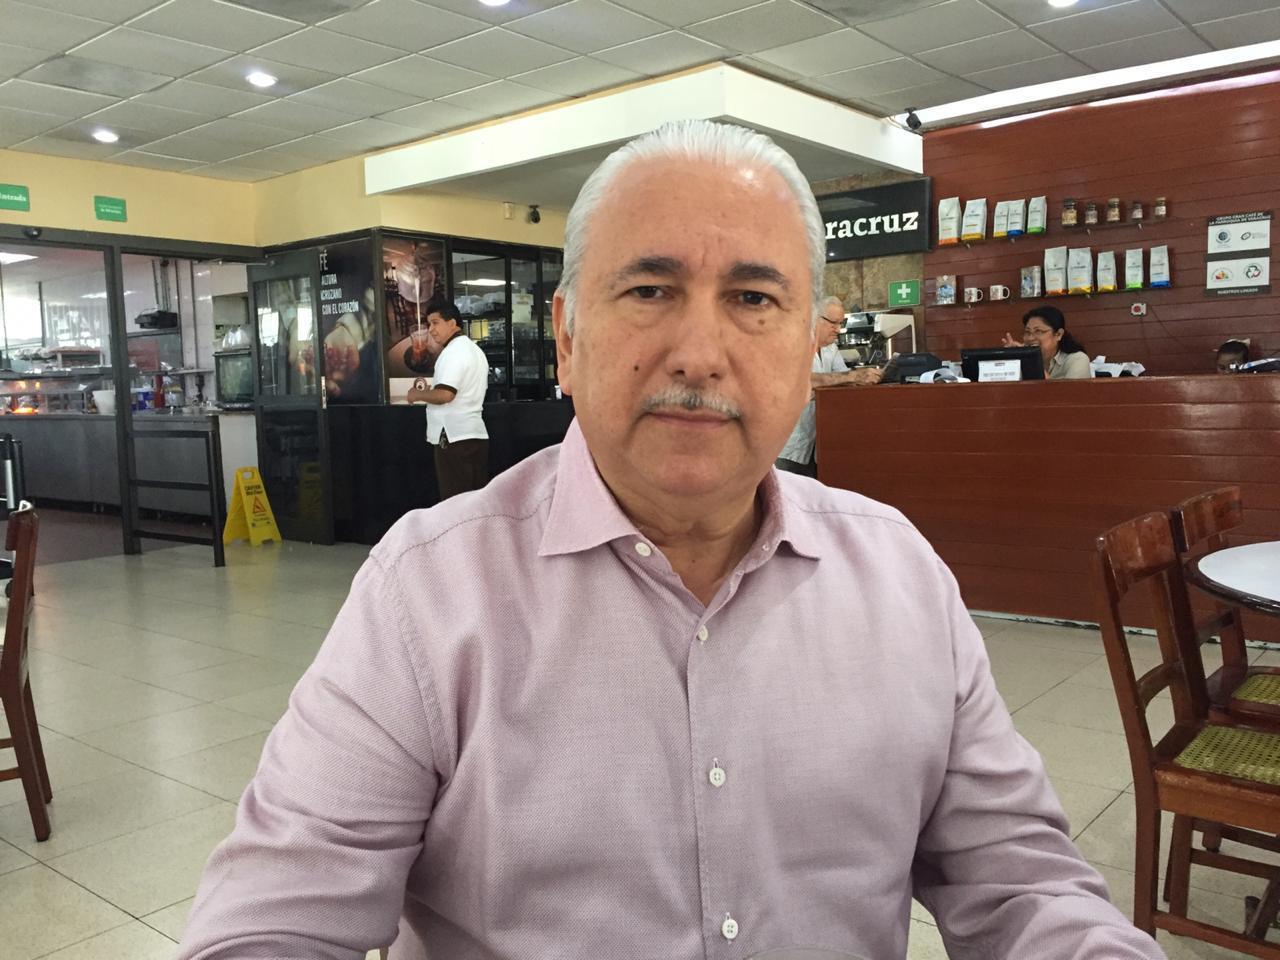 Fluctuación del dólar continuará, México debe fortalecer su mercado interno: Urreta Ortega